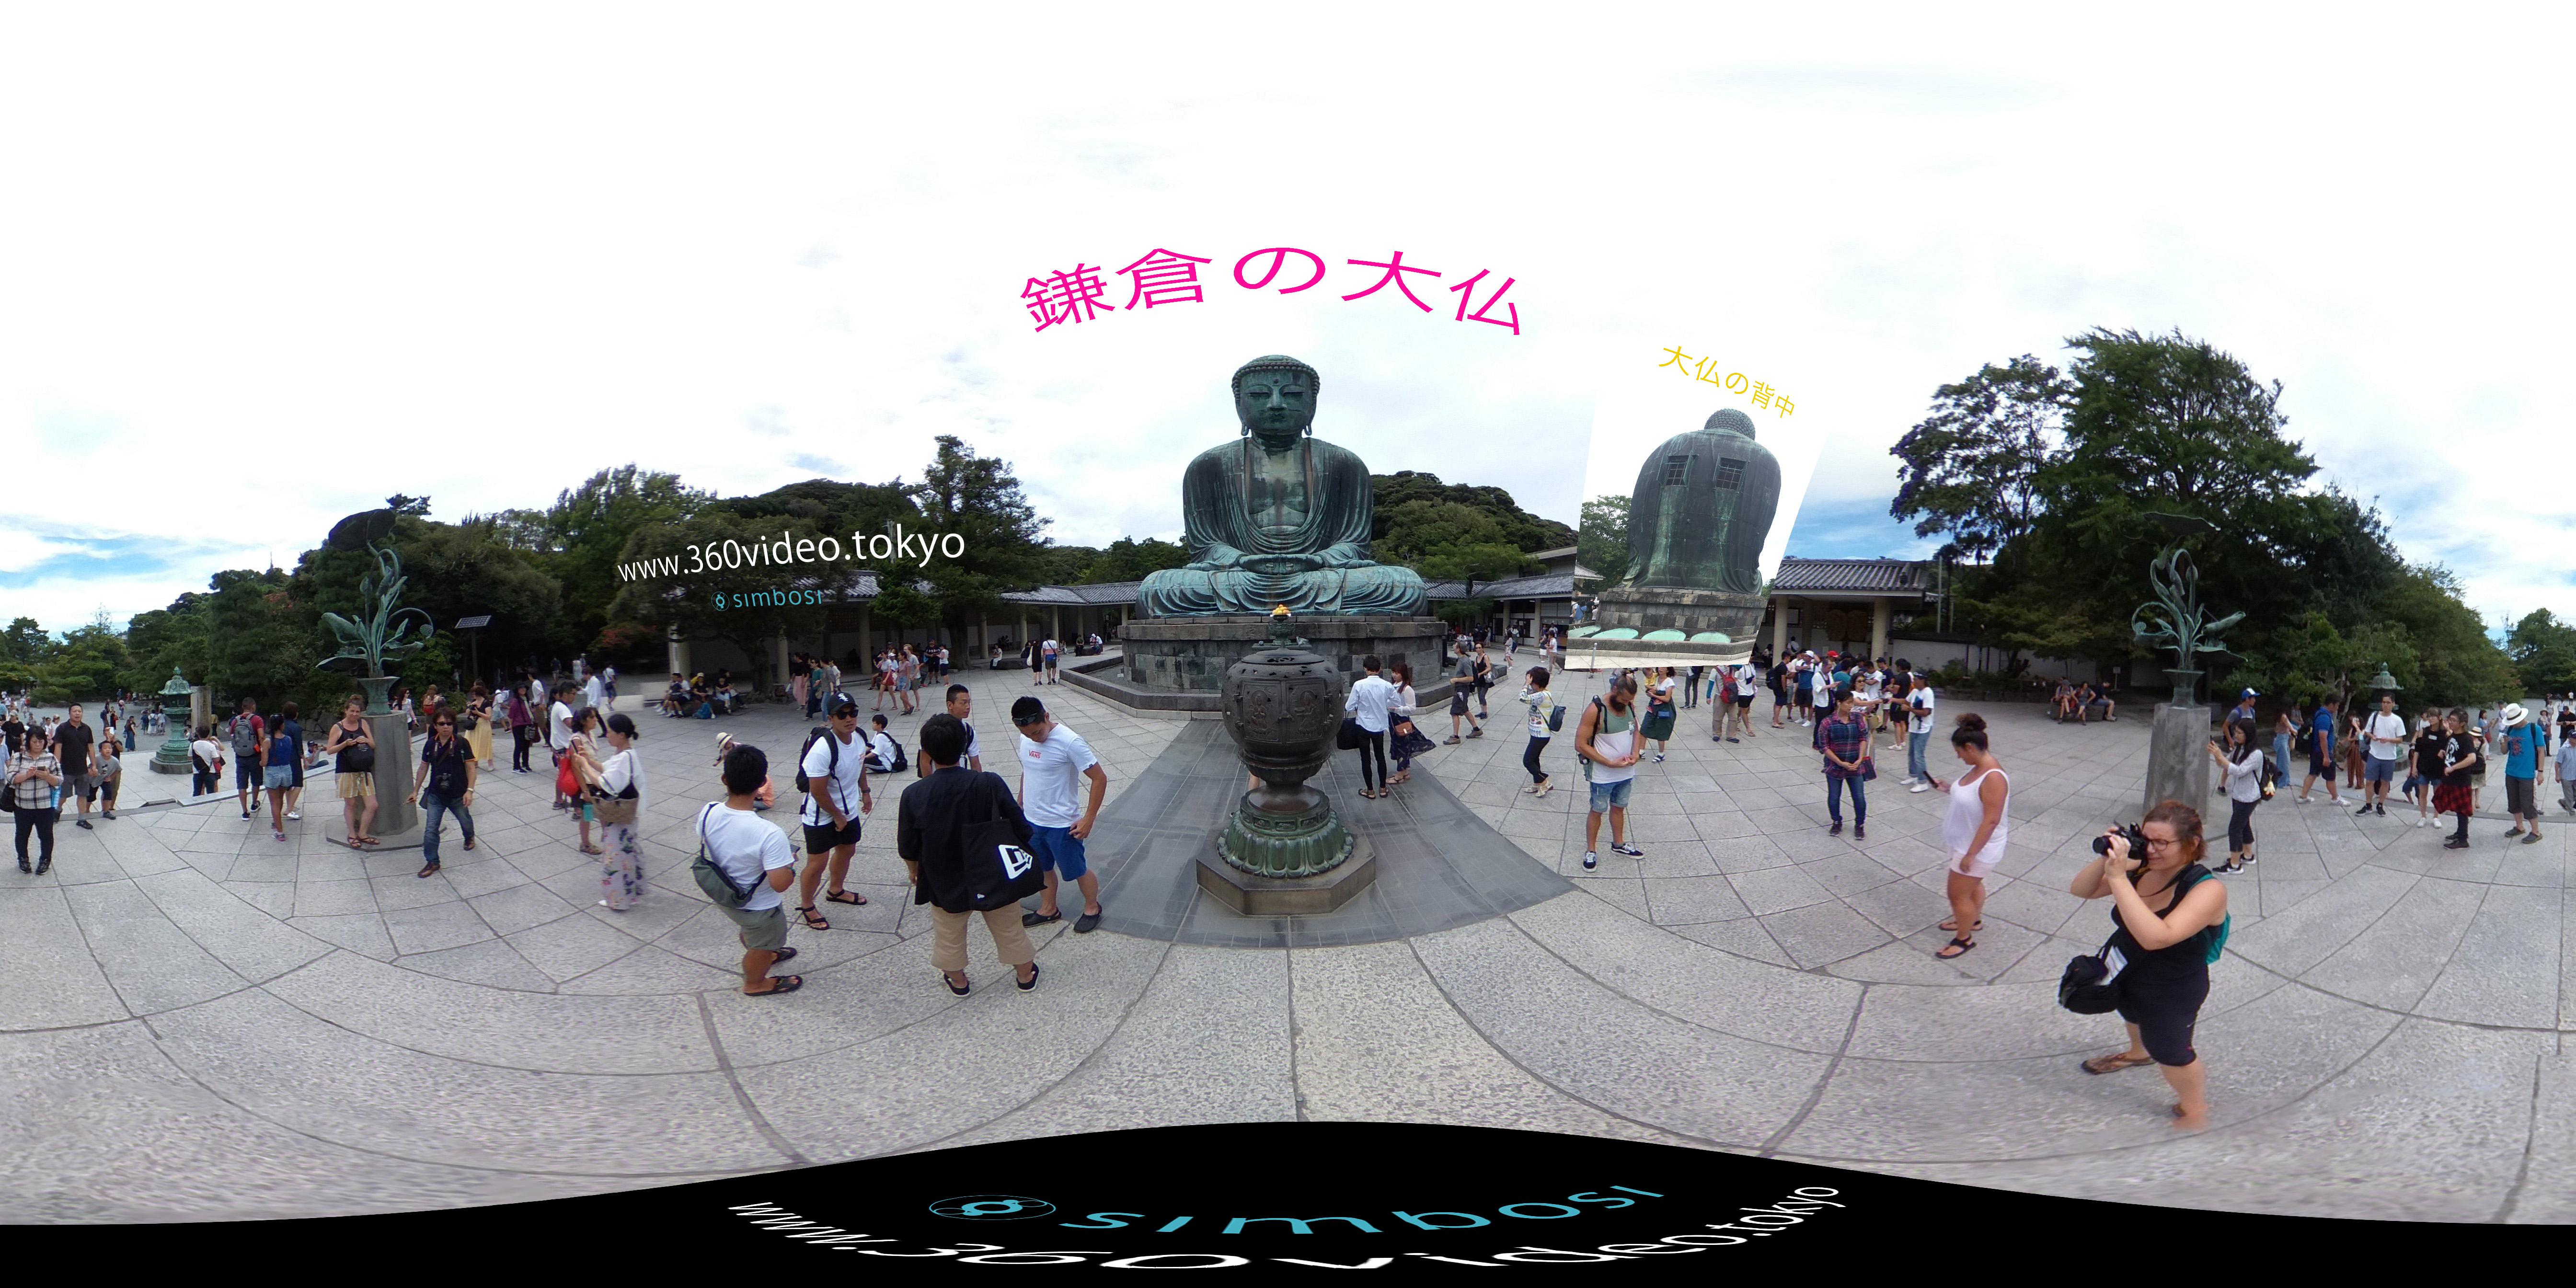 鎌倉の大仏_テキスト画像挿入